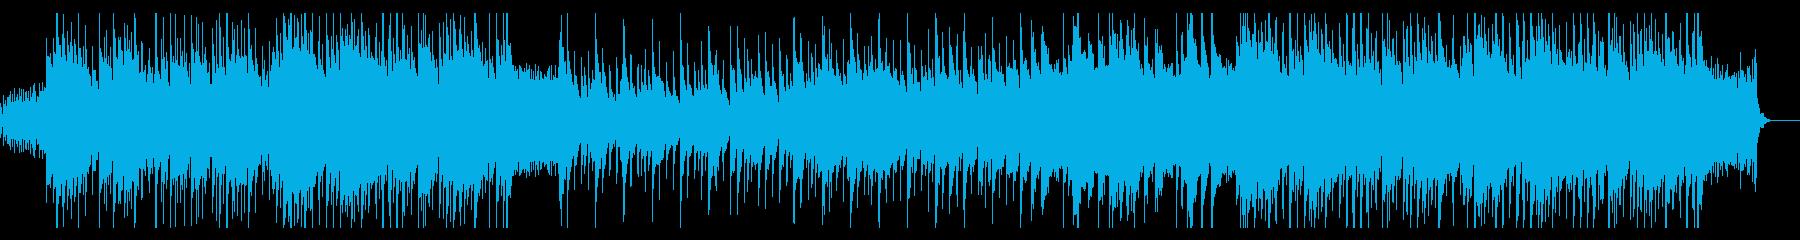 ニュース・情報番組、清涼ピアノポップスMの再生済みの波形